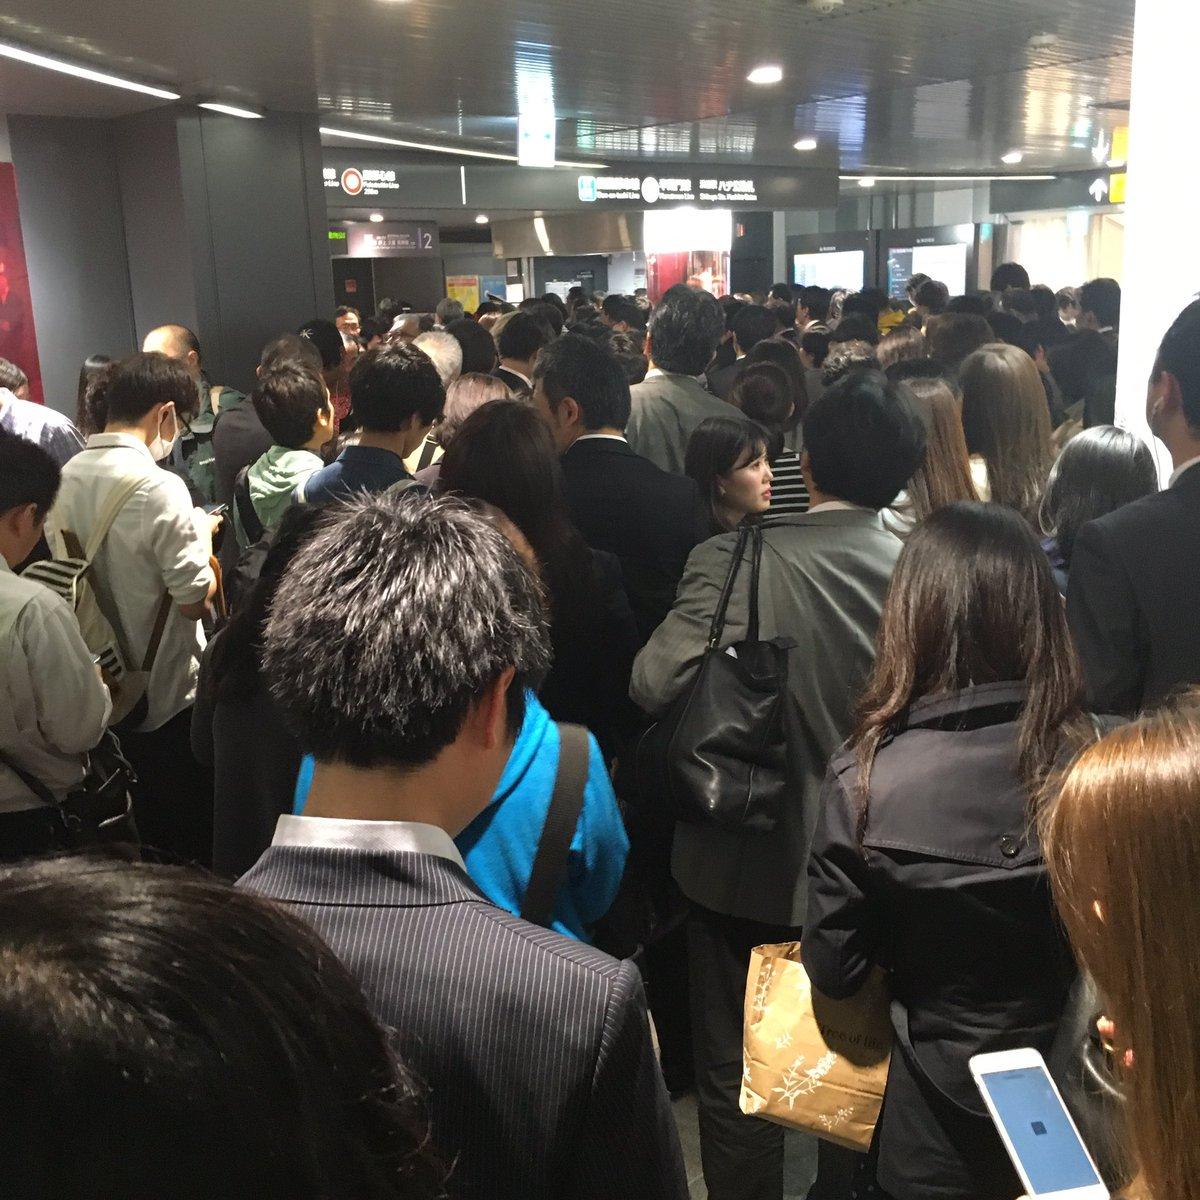 田園都市線、渋谷駅で点検のため大遅延❗️ 改札は人だかり。 #渋谷駅 #電車遅延 #田園都市線 https://t.co/TBKLyetT8K